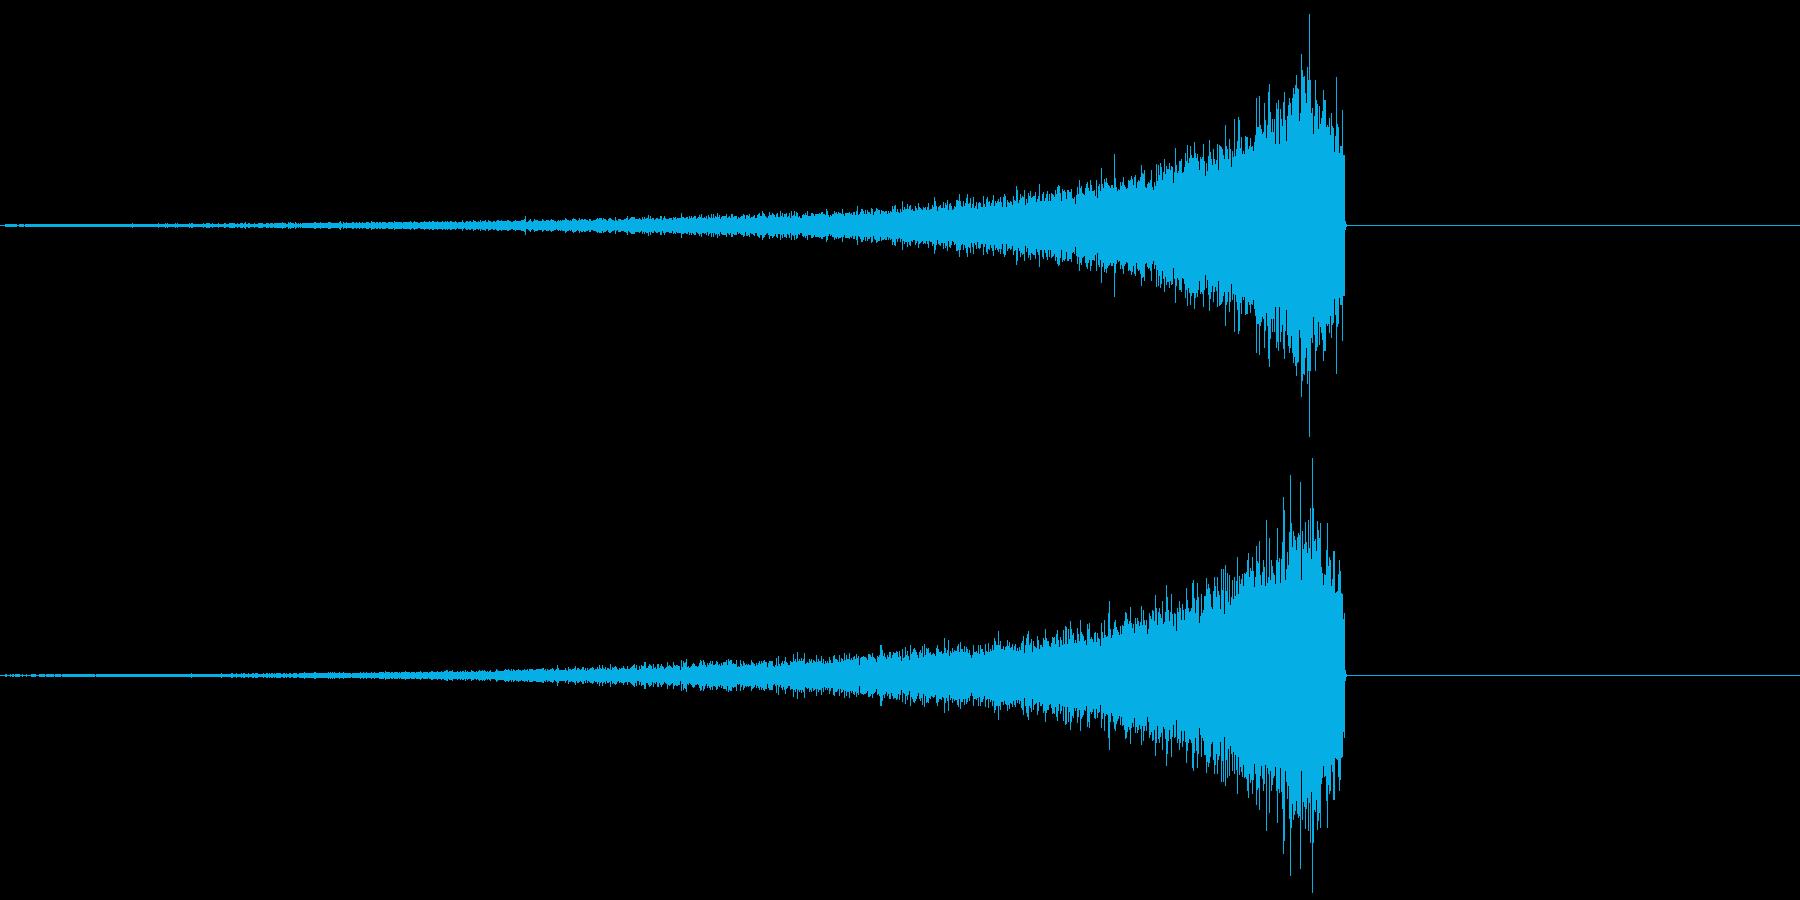 シンバルリバース音の再生済みの波形